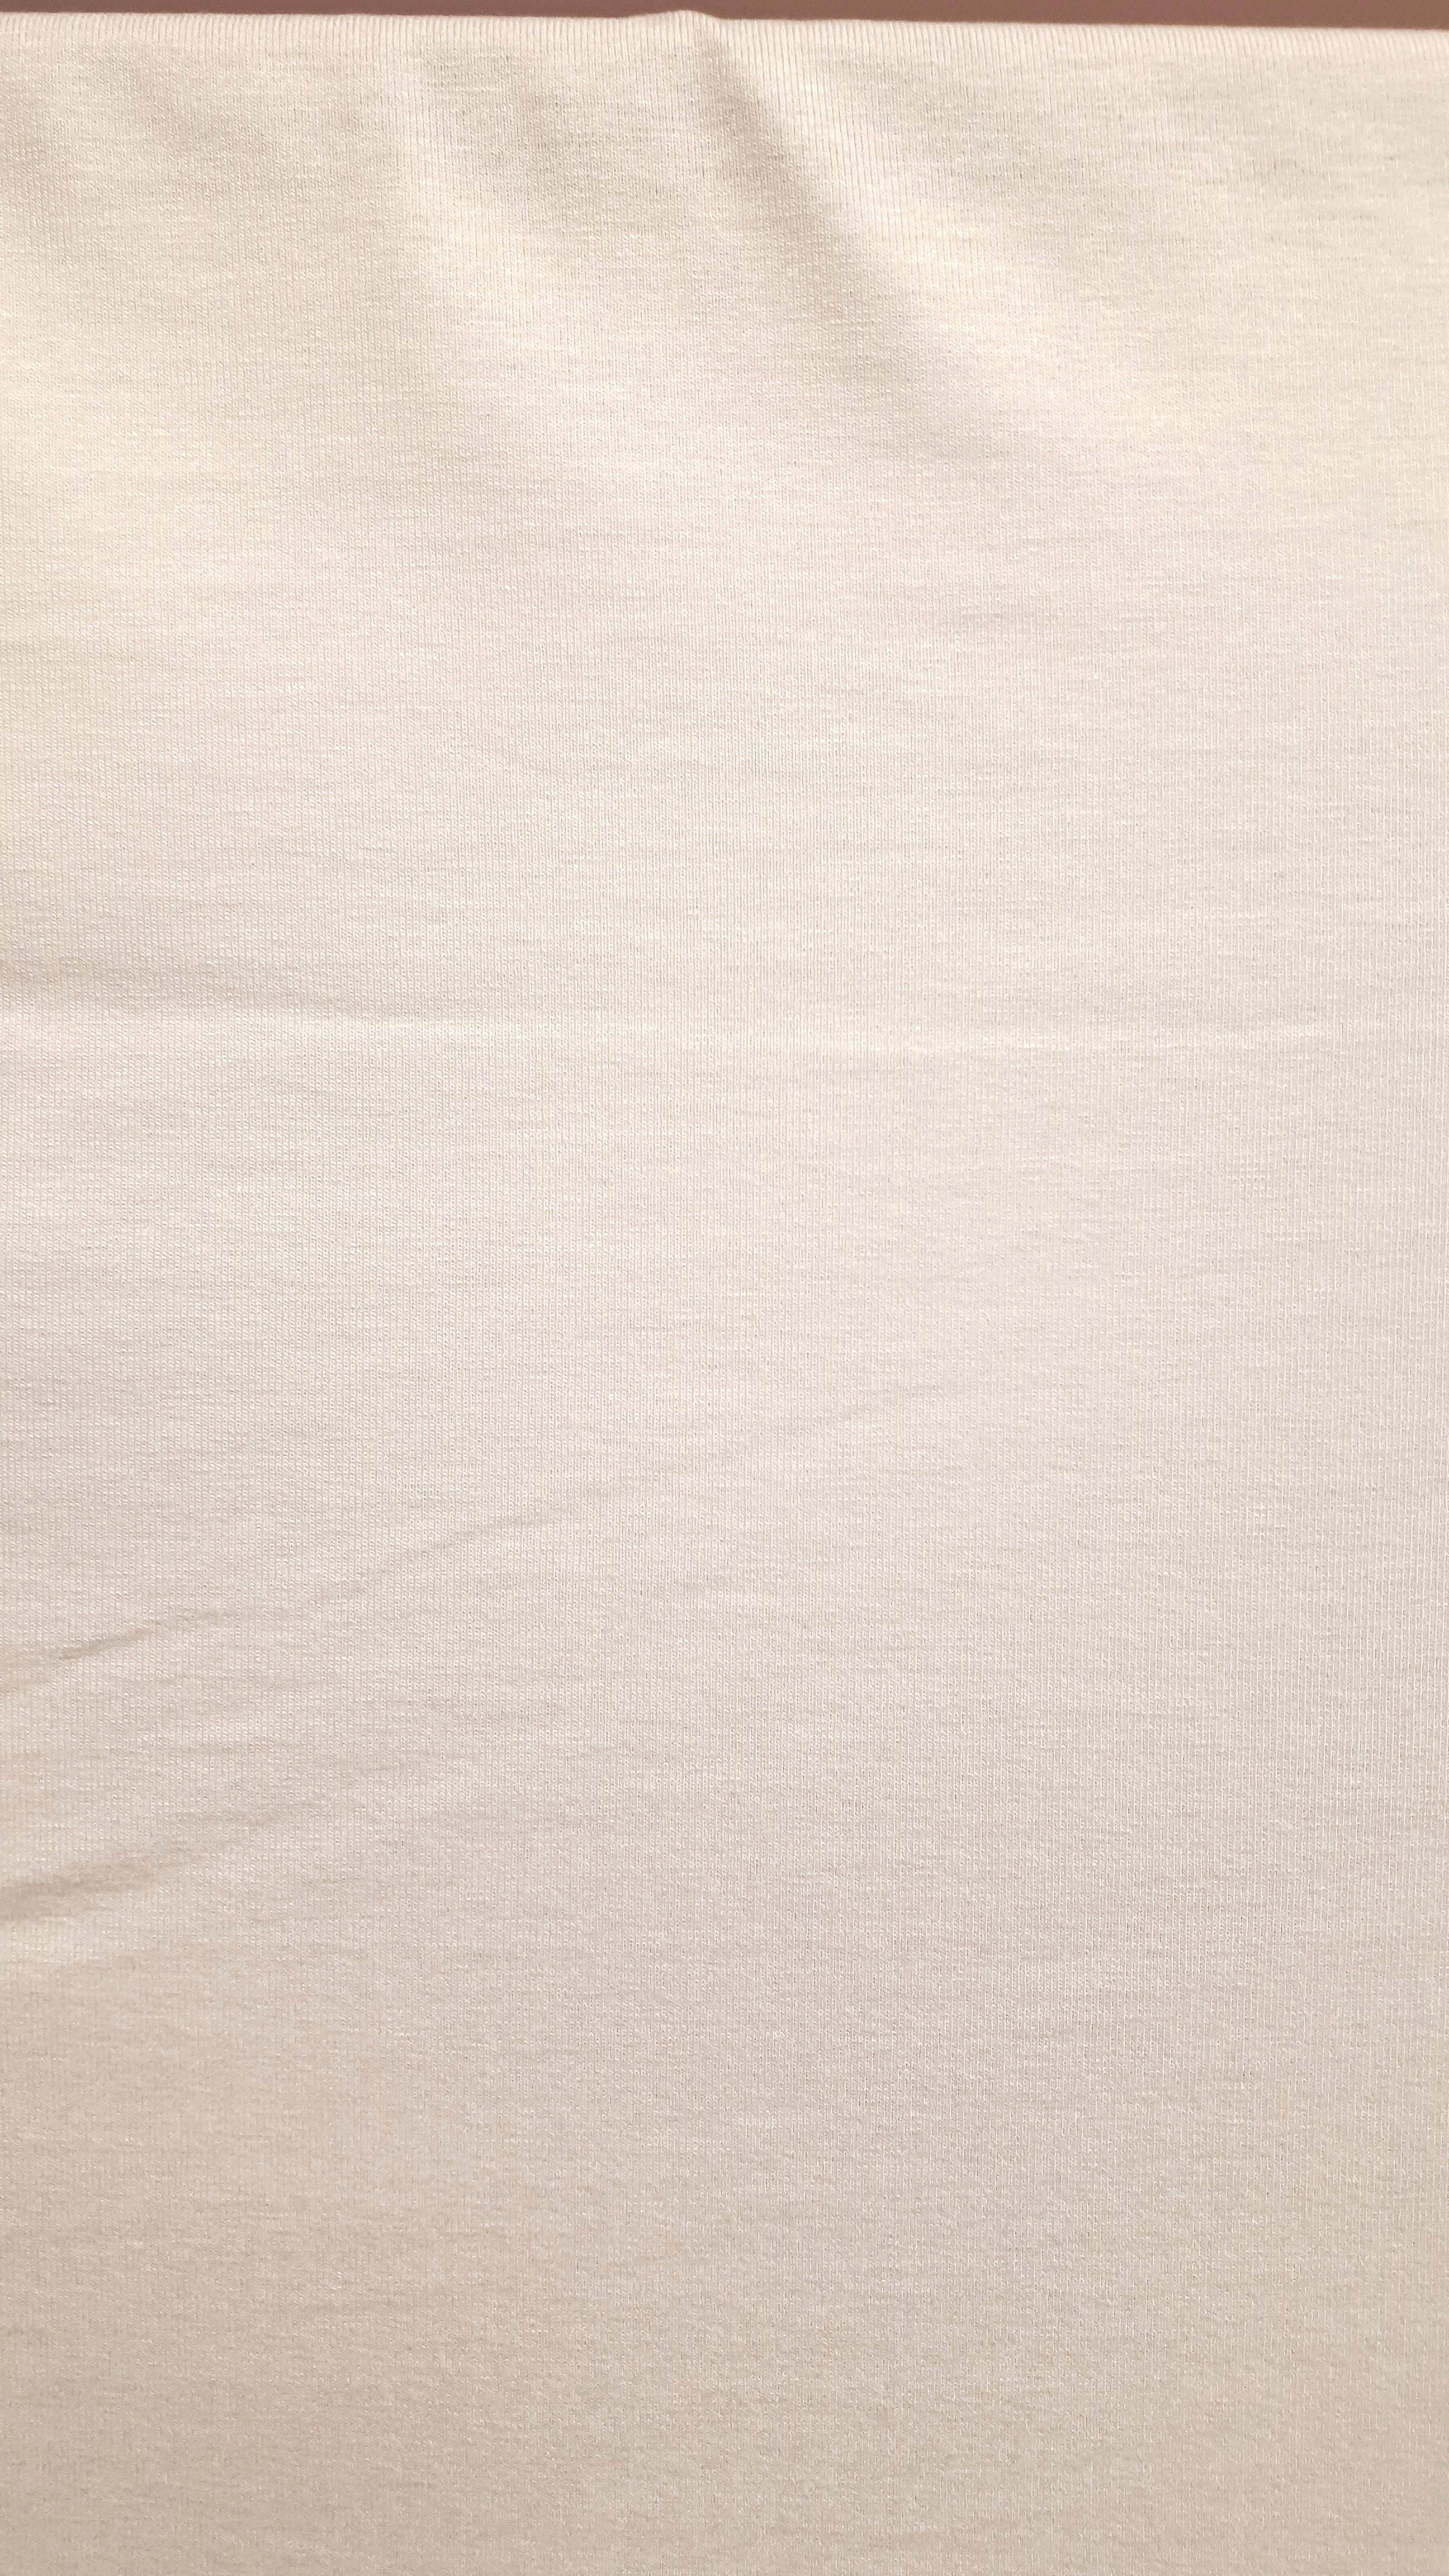 Balta krītoša trikotāža - viskoze ar elastānu